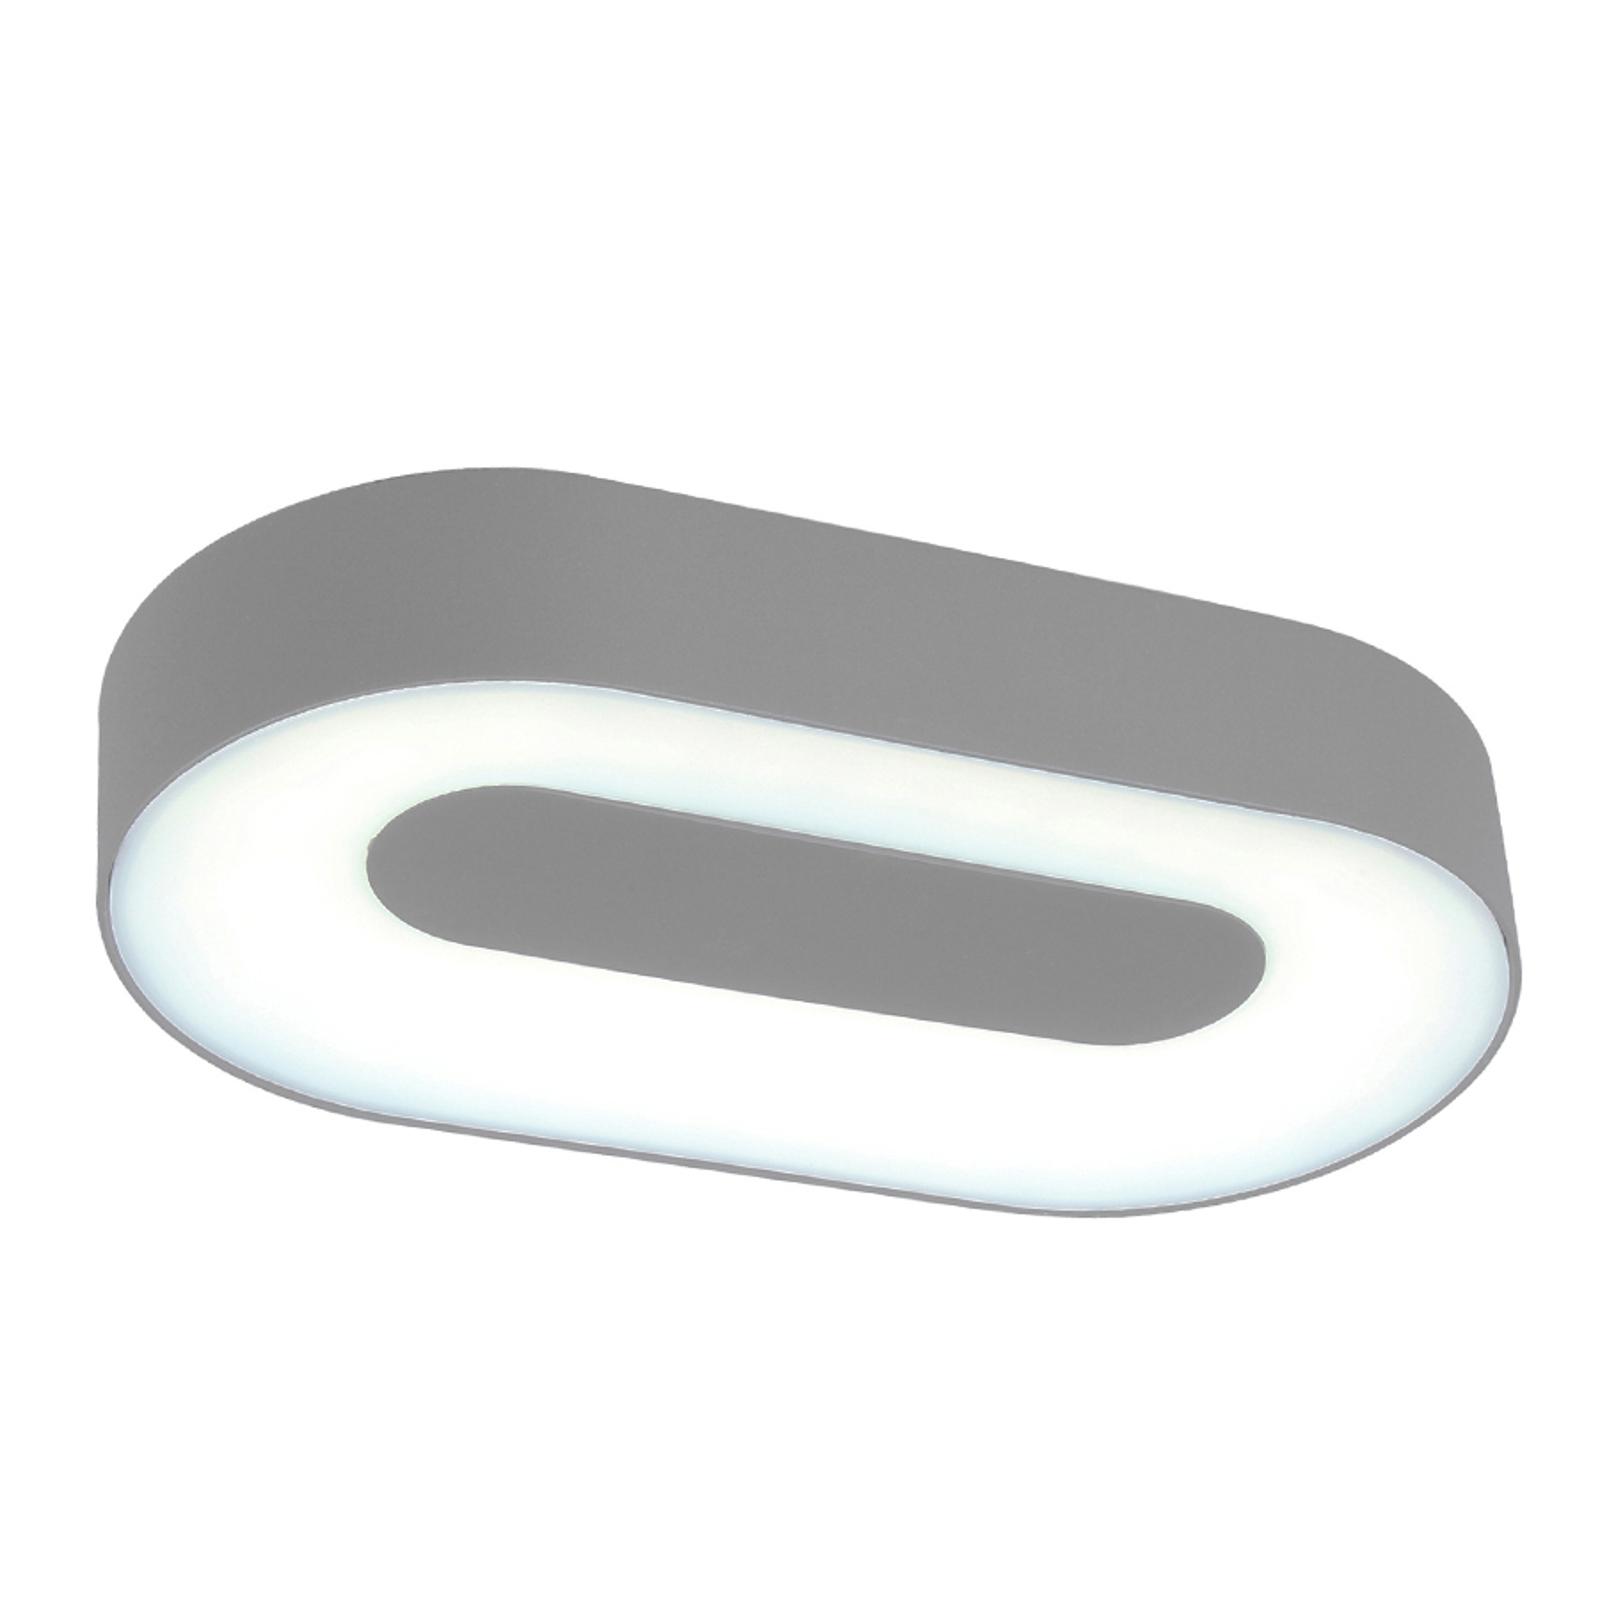 Ublo - applique d'extérieur LED de forme ovale